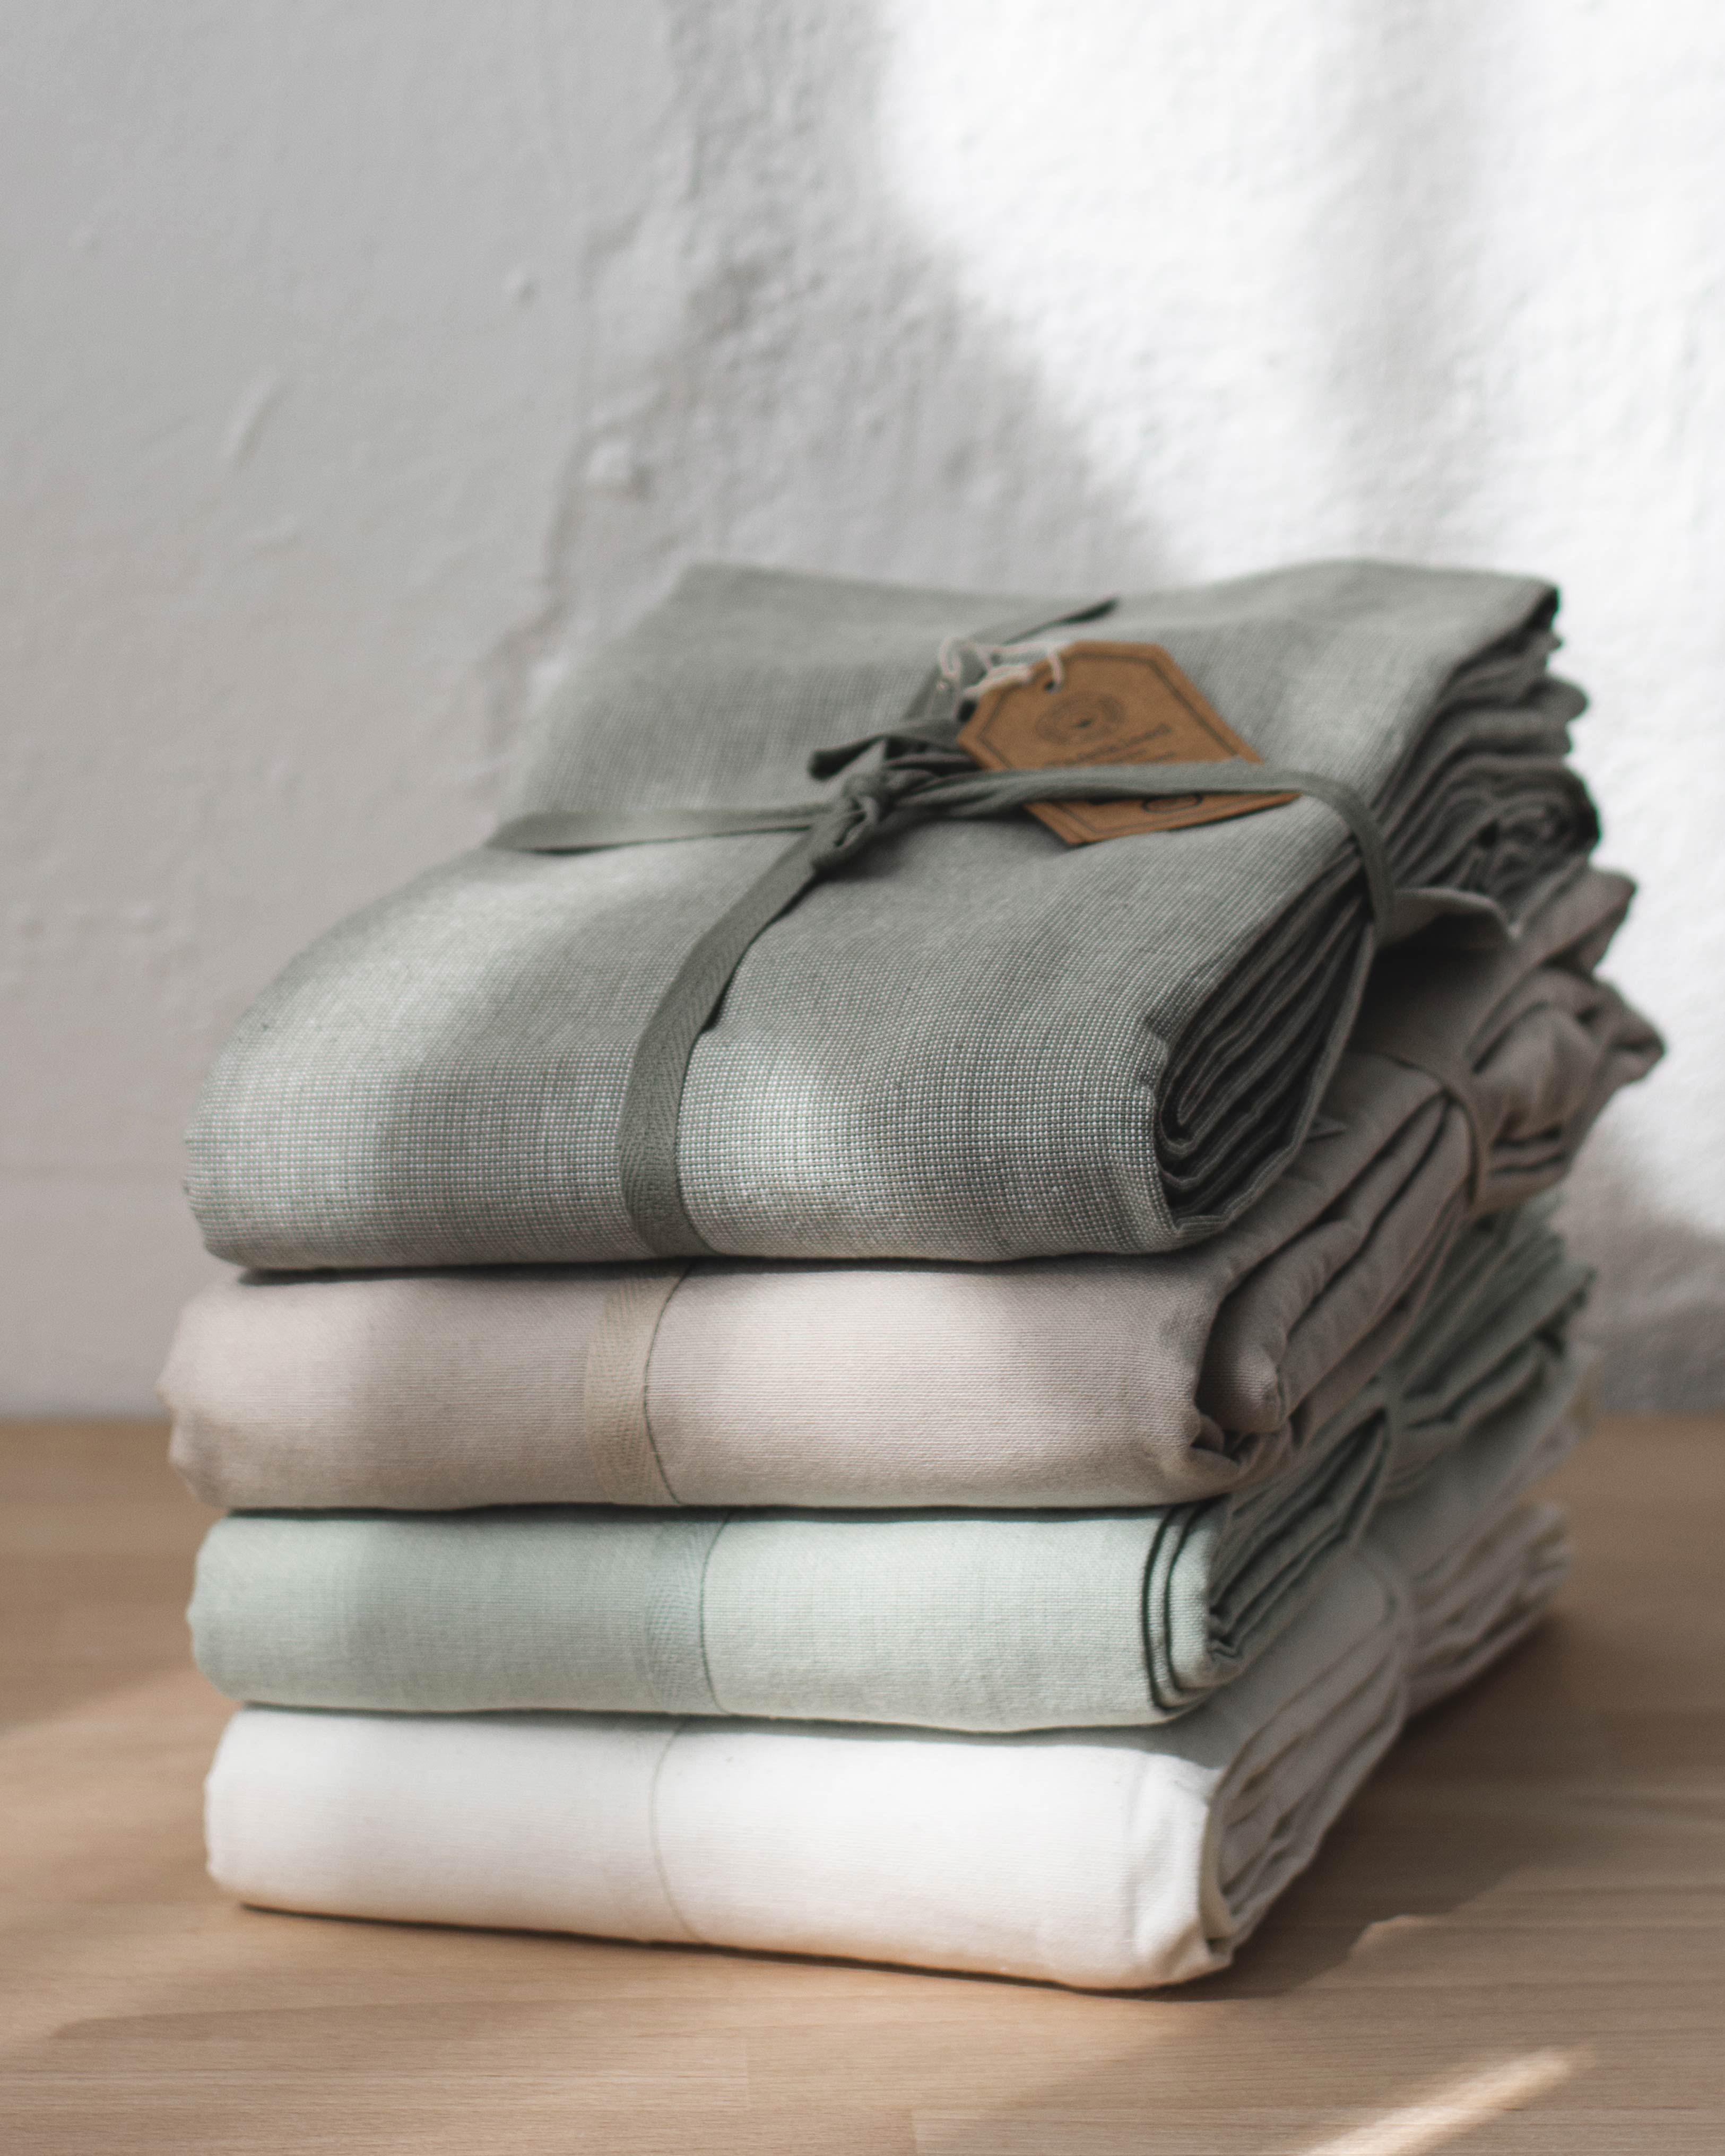 Onwijs Bij Dille & Kamille vind je een uitgebreide collectie linnen en QV-05